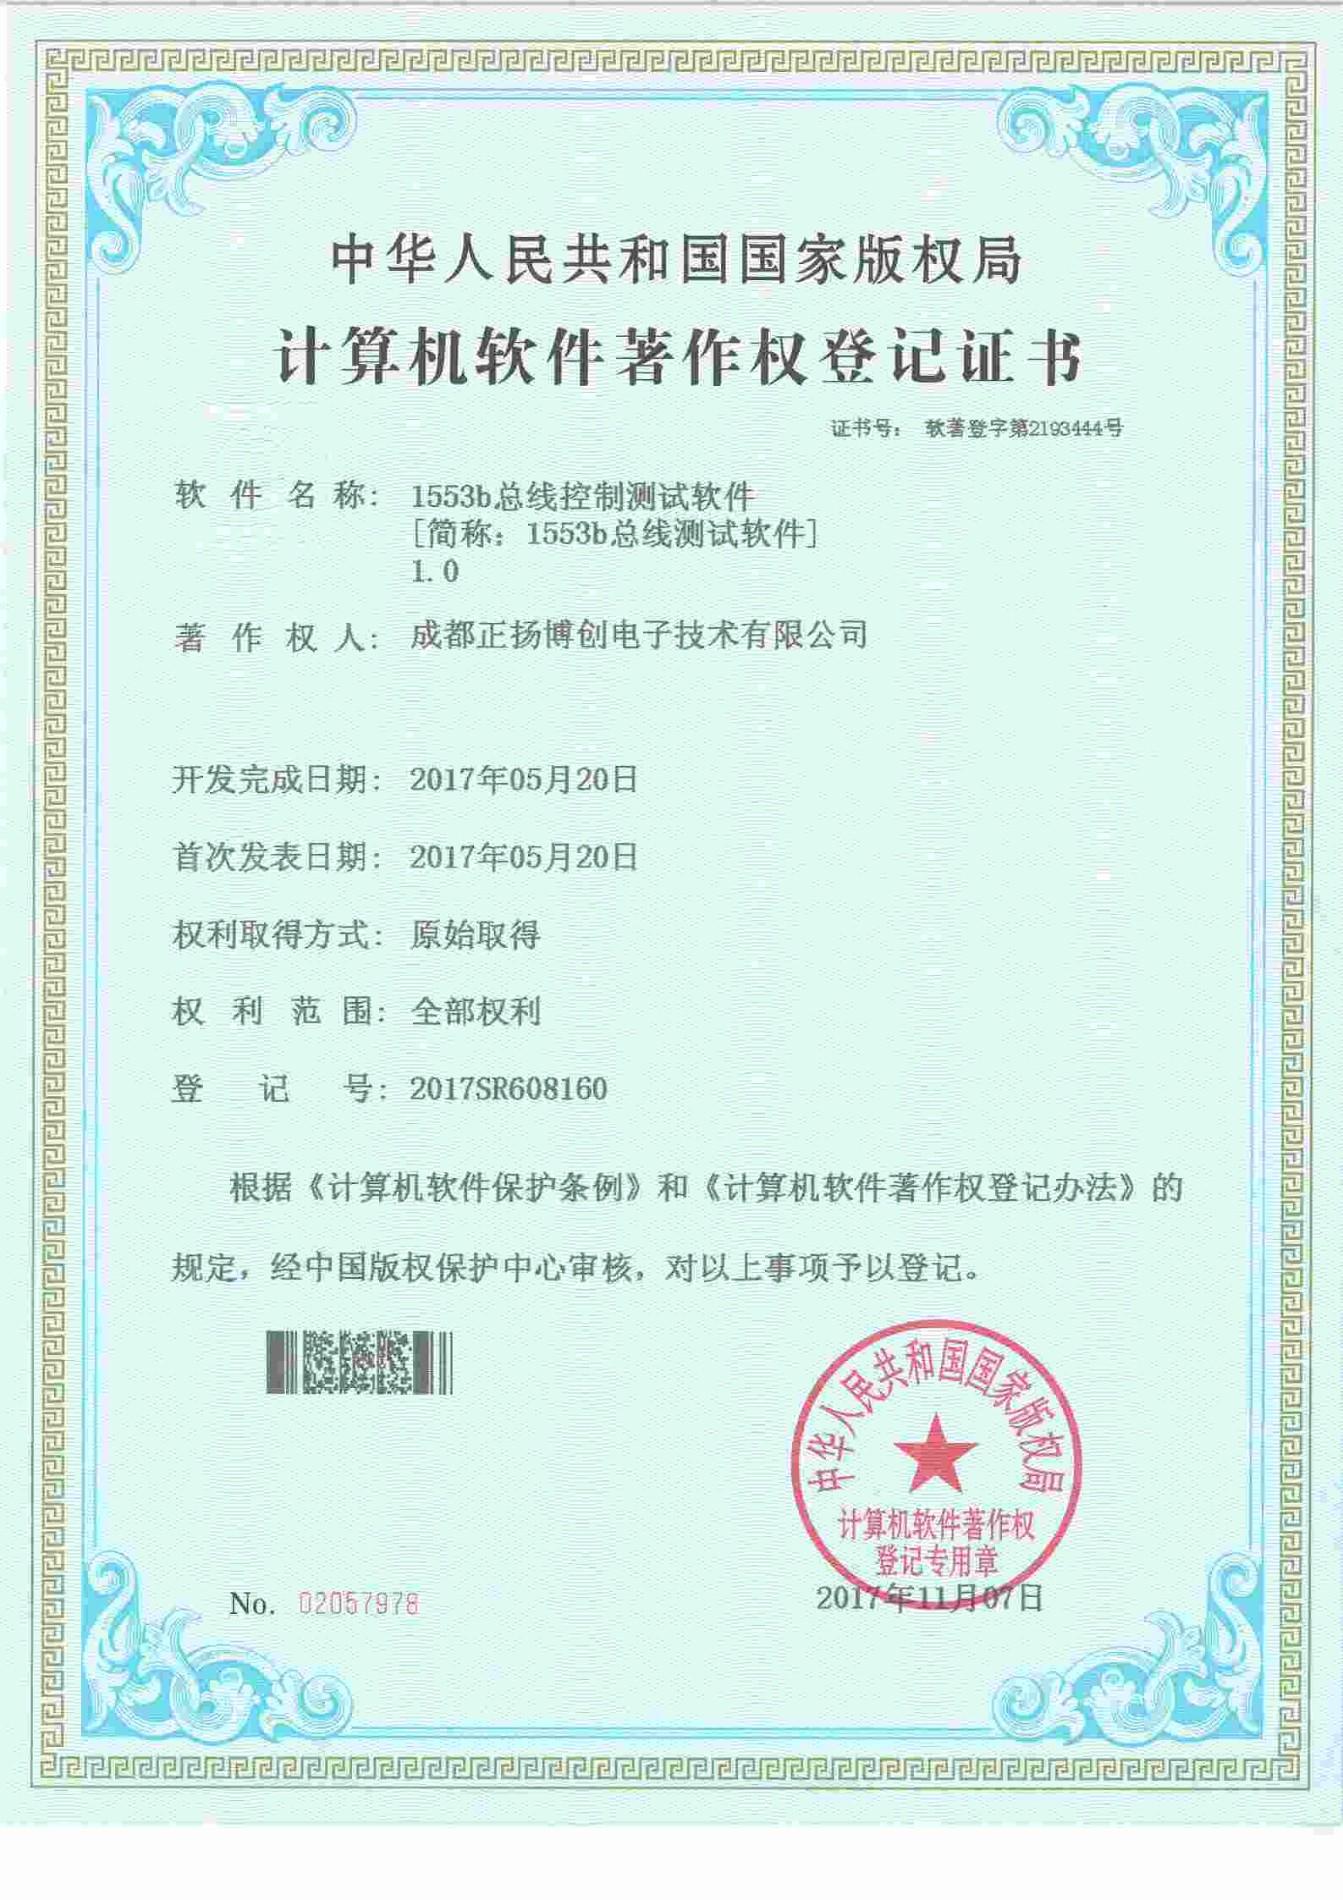 Logiciel Droit d'auteur Certificat de Registre